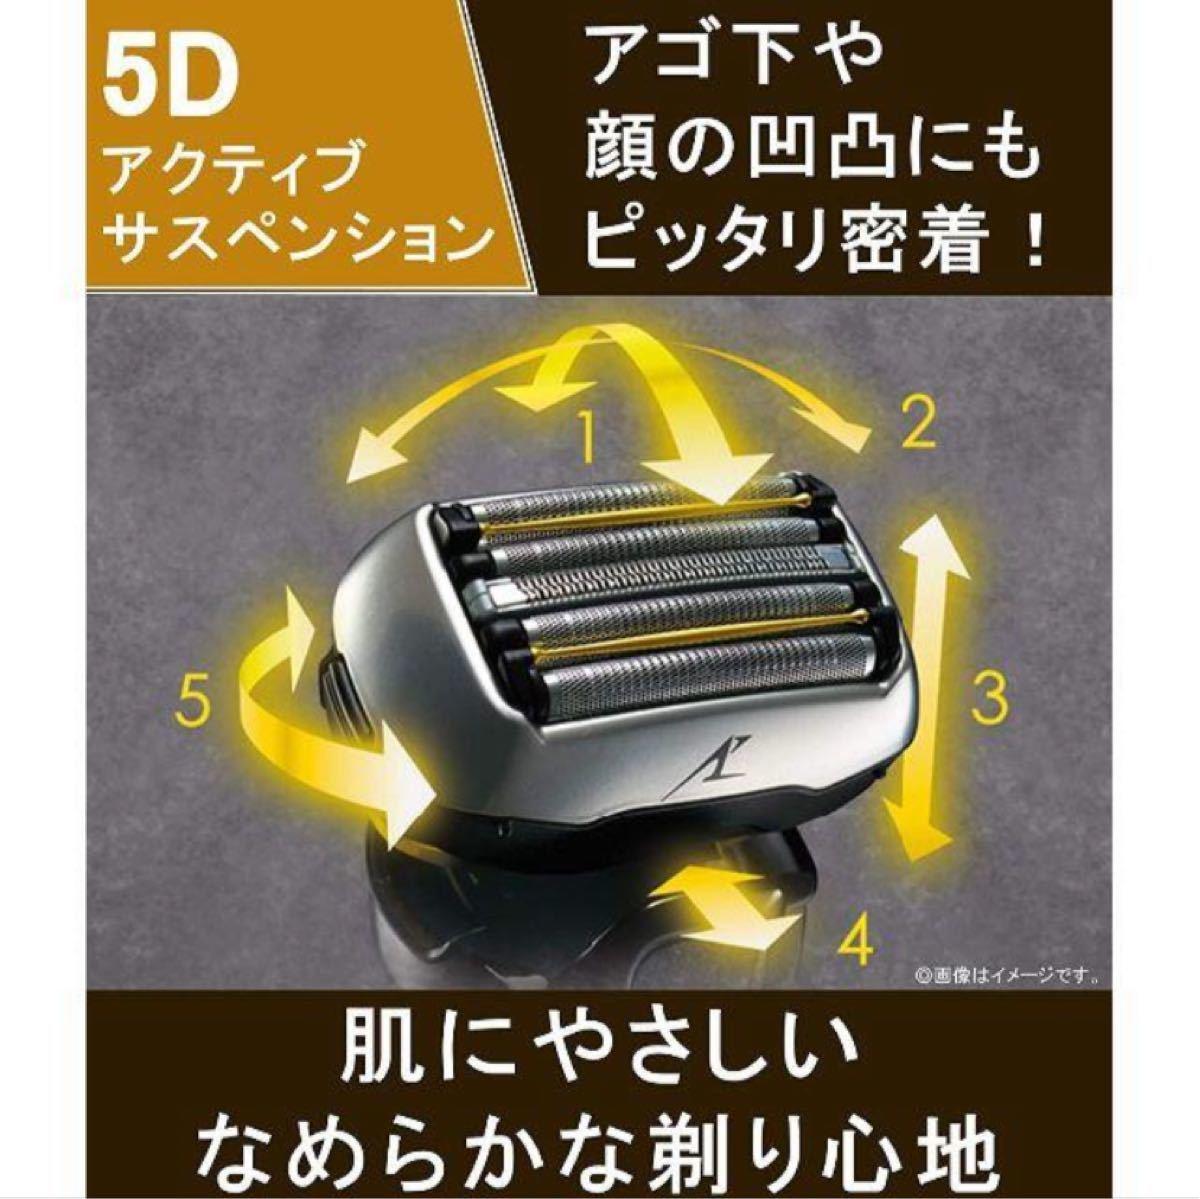 パナソニック ラムダッシュ リニア メンズシェーバー 5枚刃 黒 ES-CLV5